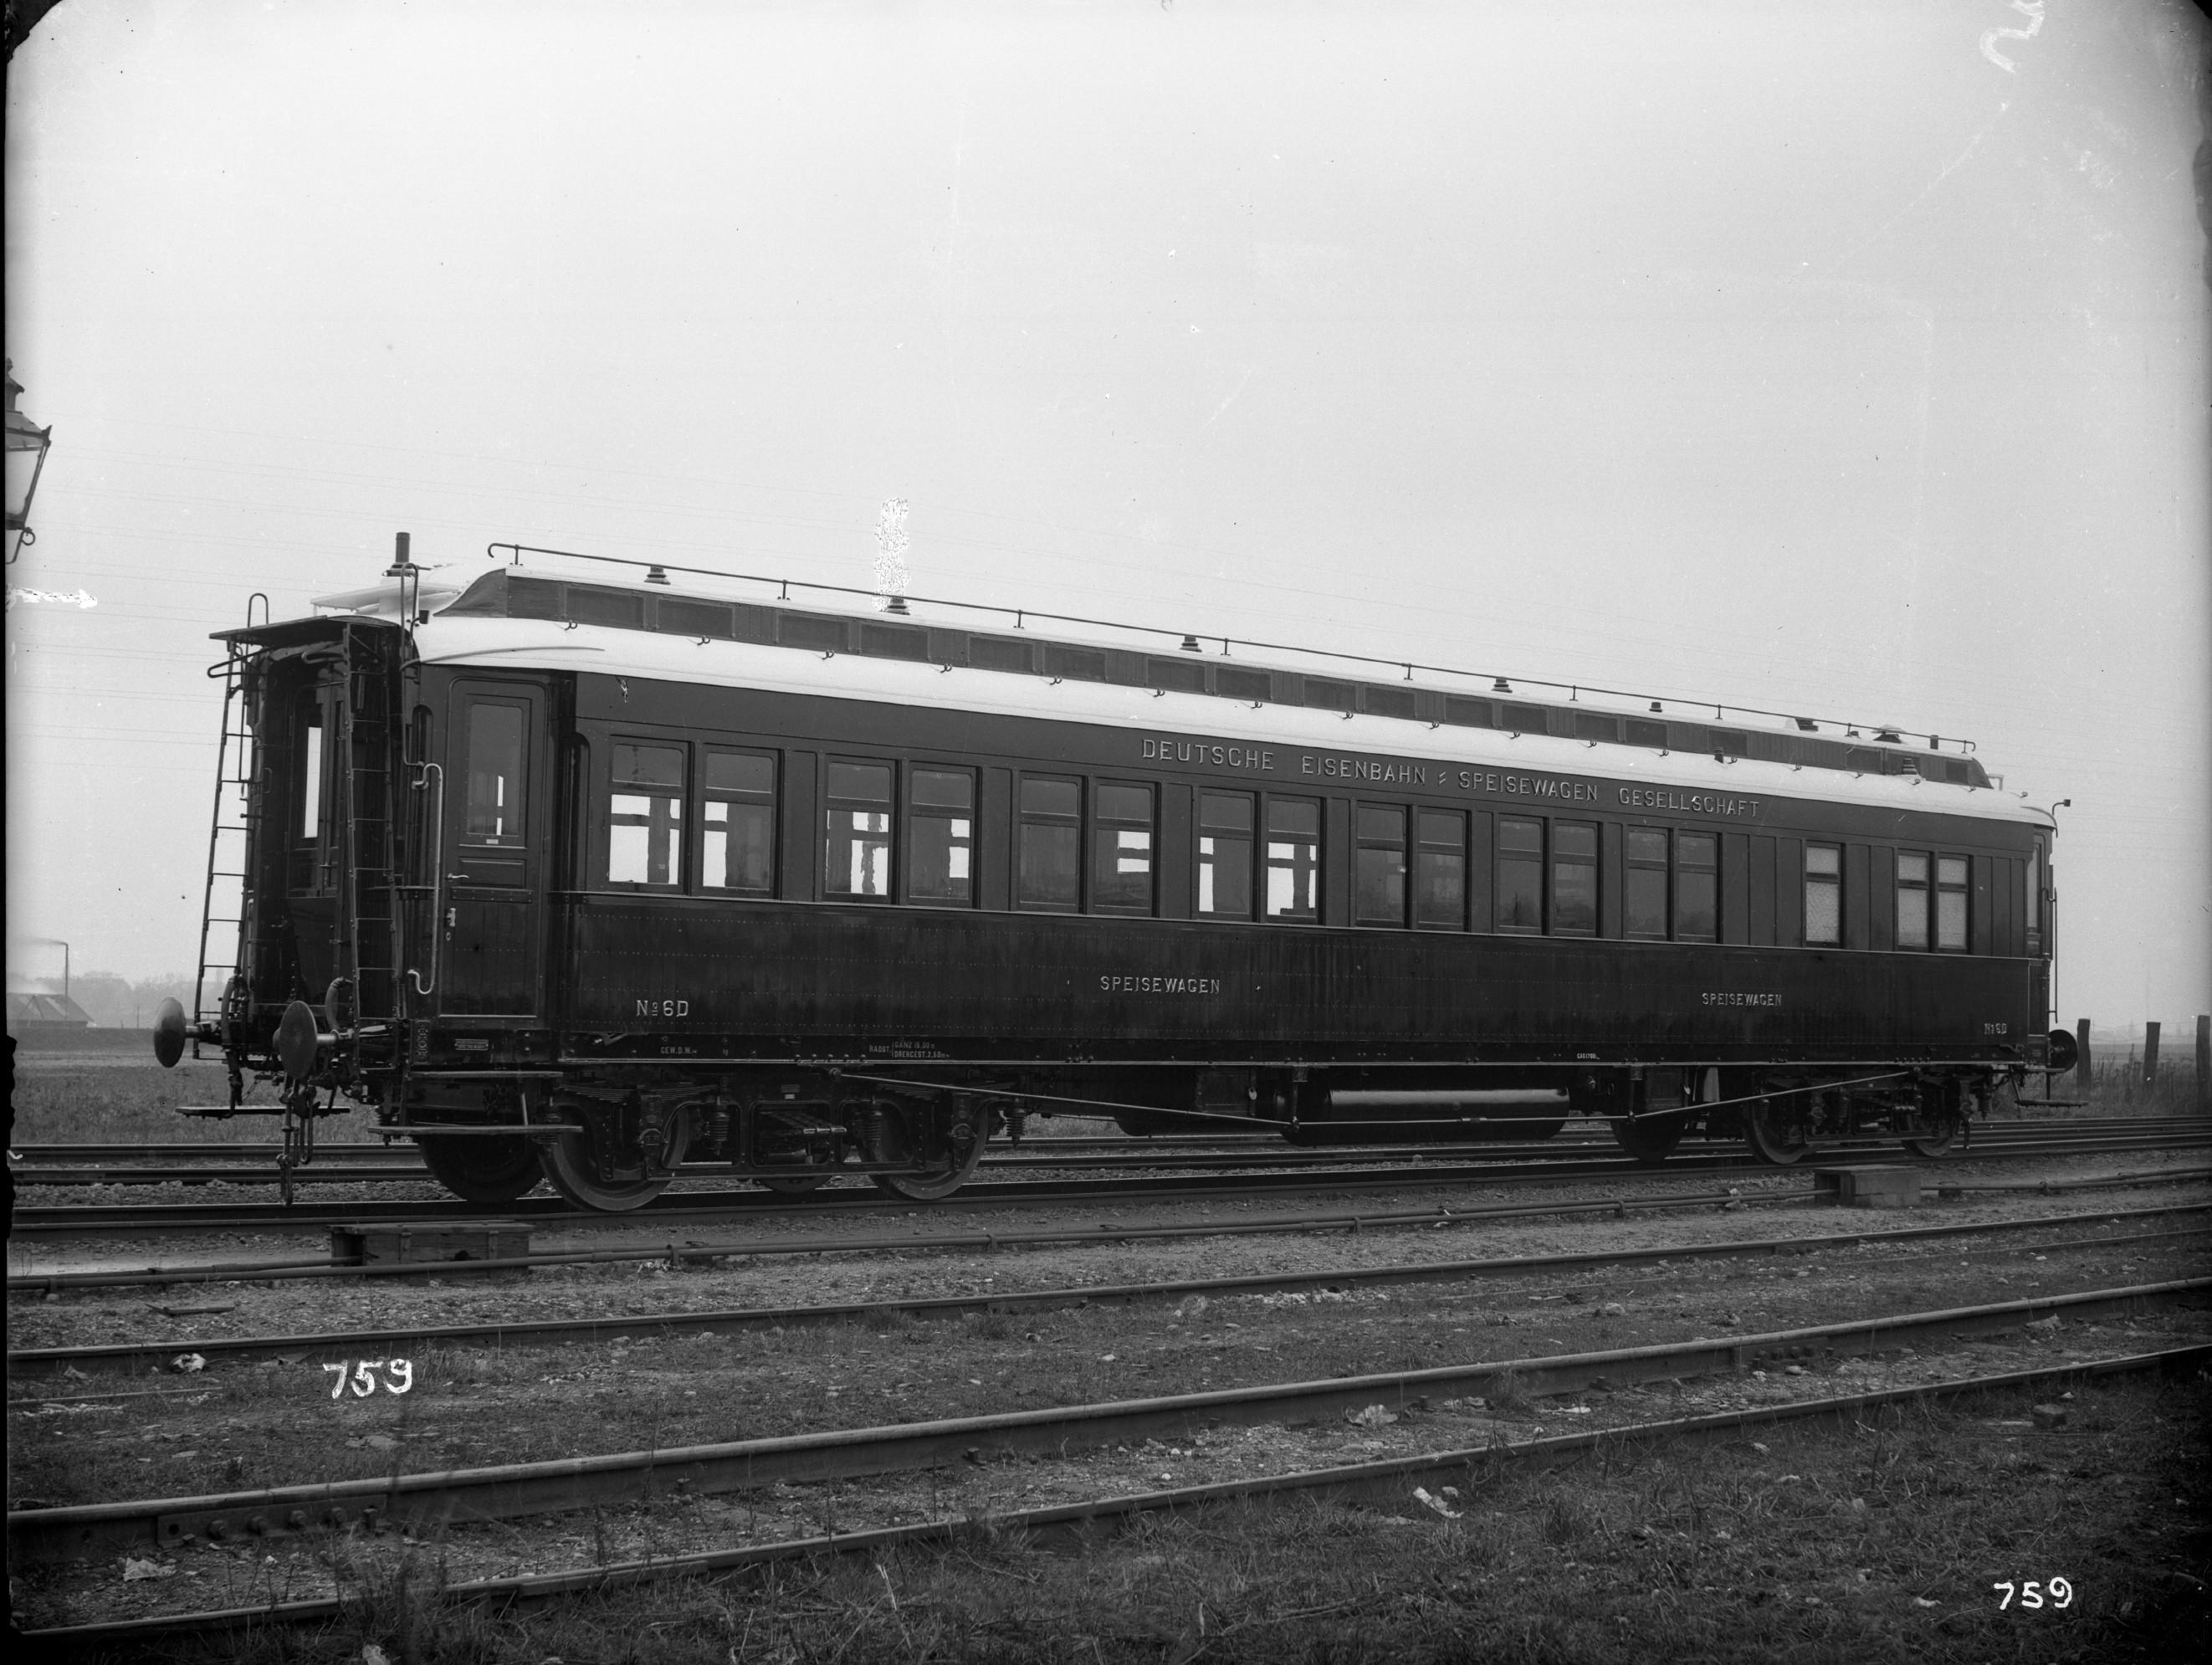 Speisewagen der Deutschen Eisenbahn-Speisewagen Gesellschaft, Nr. 6D, WR4, Teak, 1908